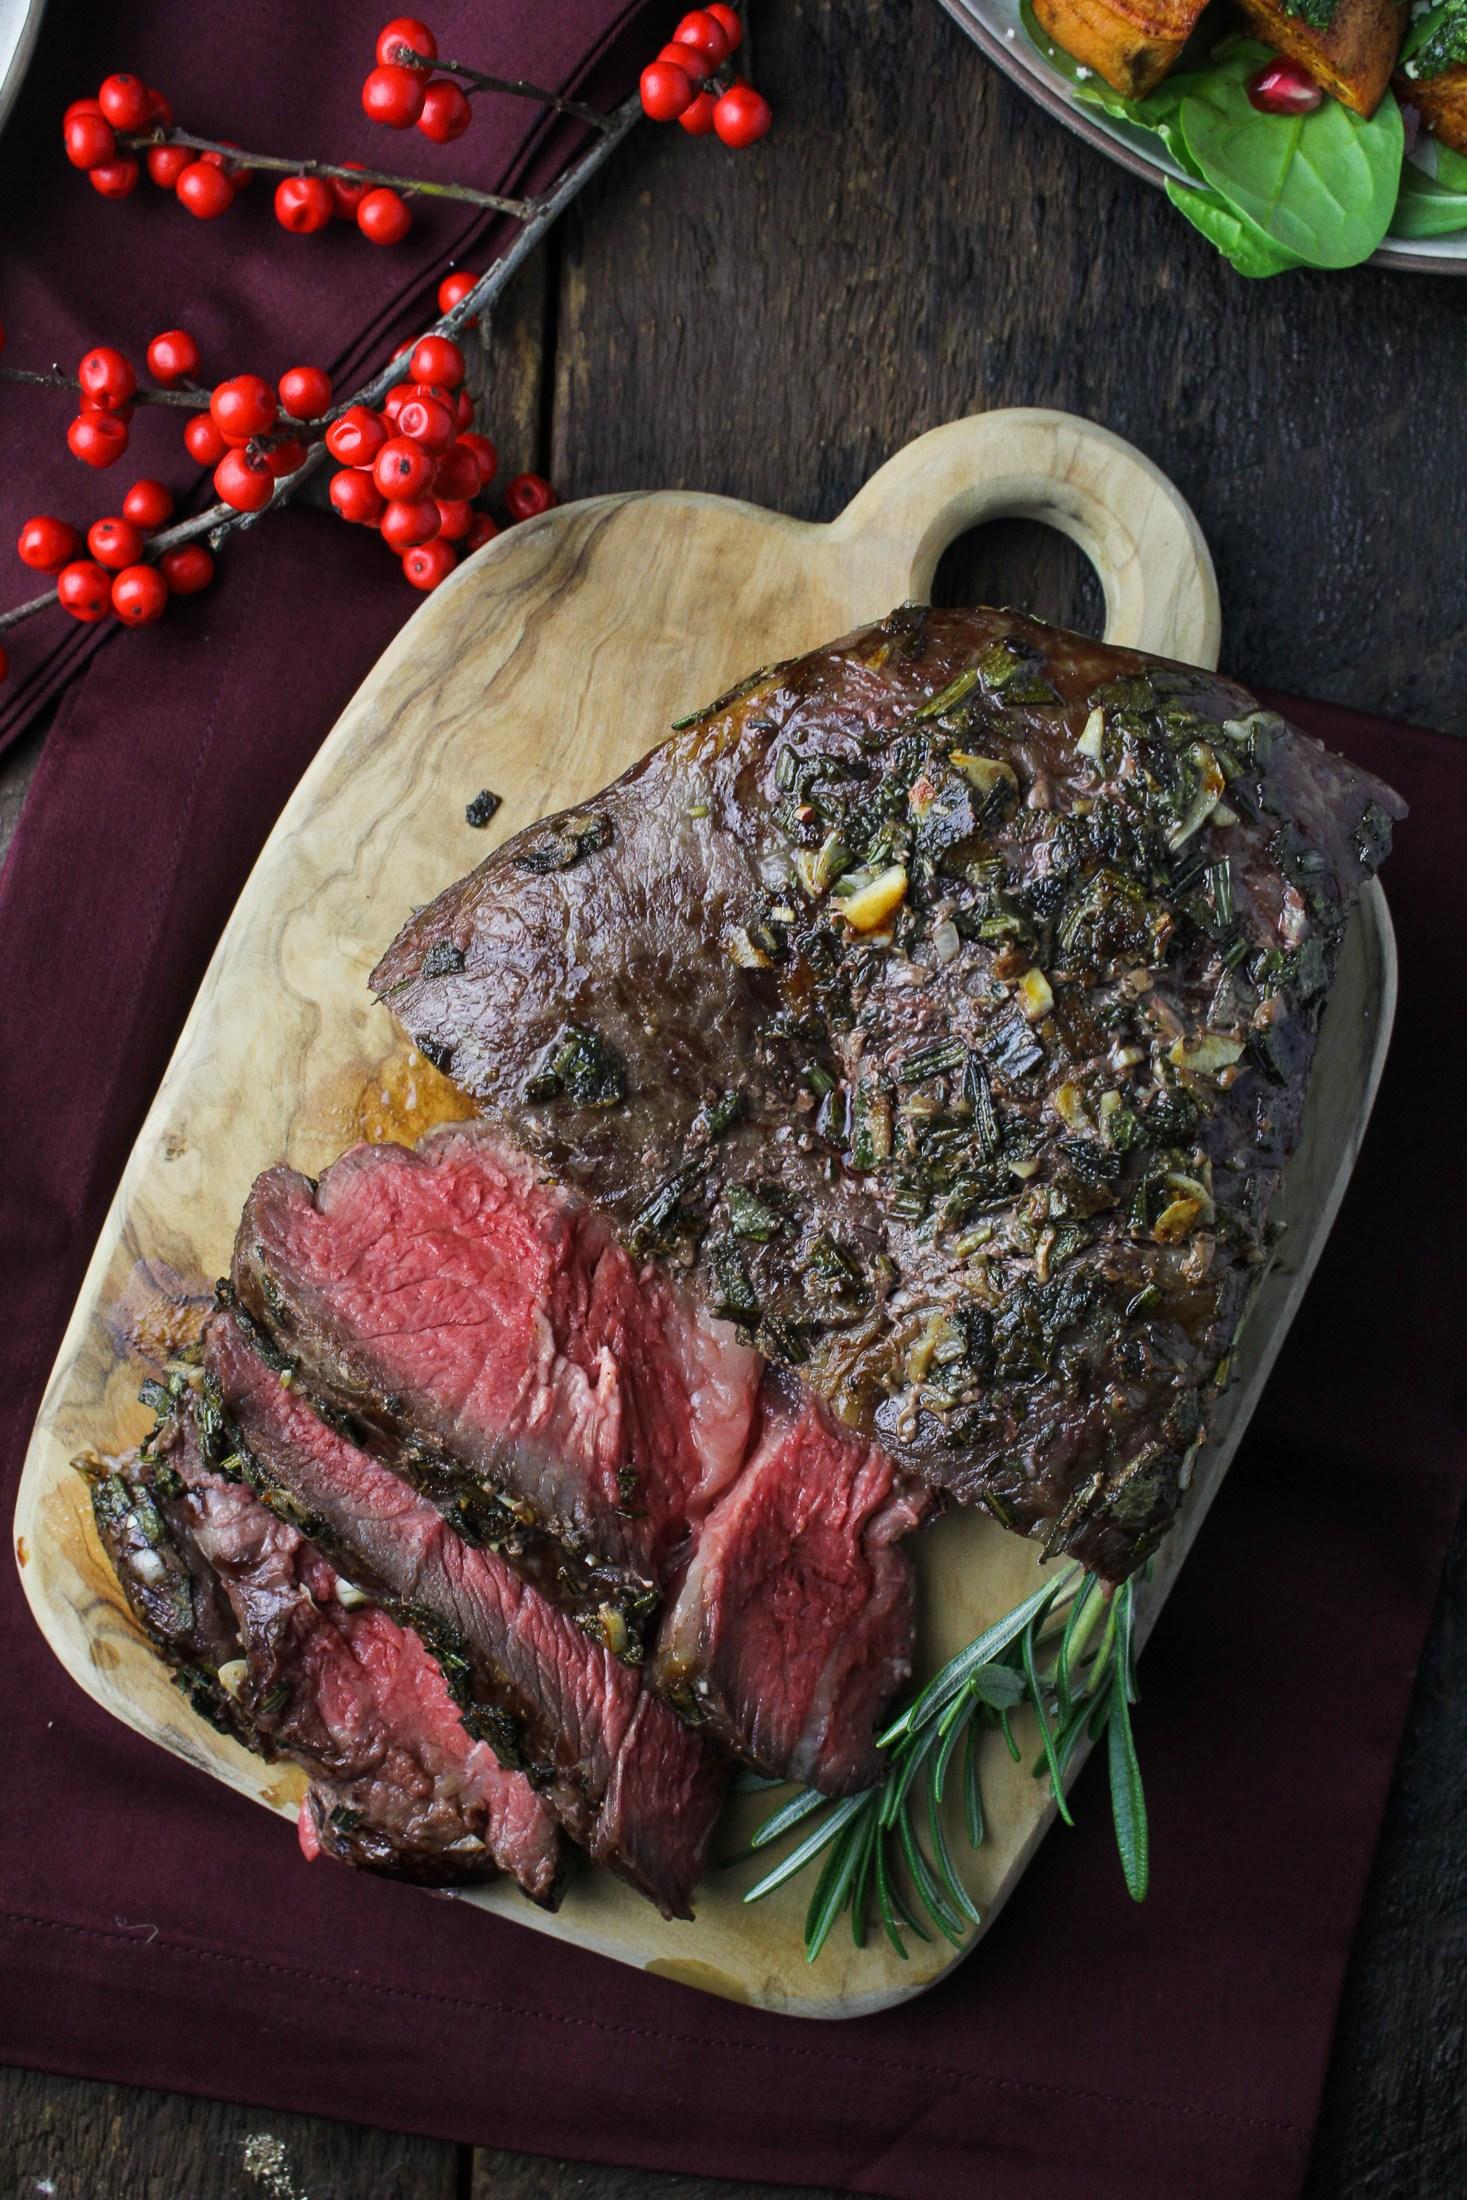 Sunday Dinner Herb Crusted Roast Beef Roasted Root Vegetable Salad Cauliflower and Horseradish Gratin | 25+ Sunday Roast Recipes